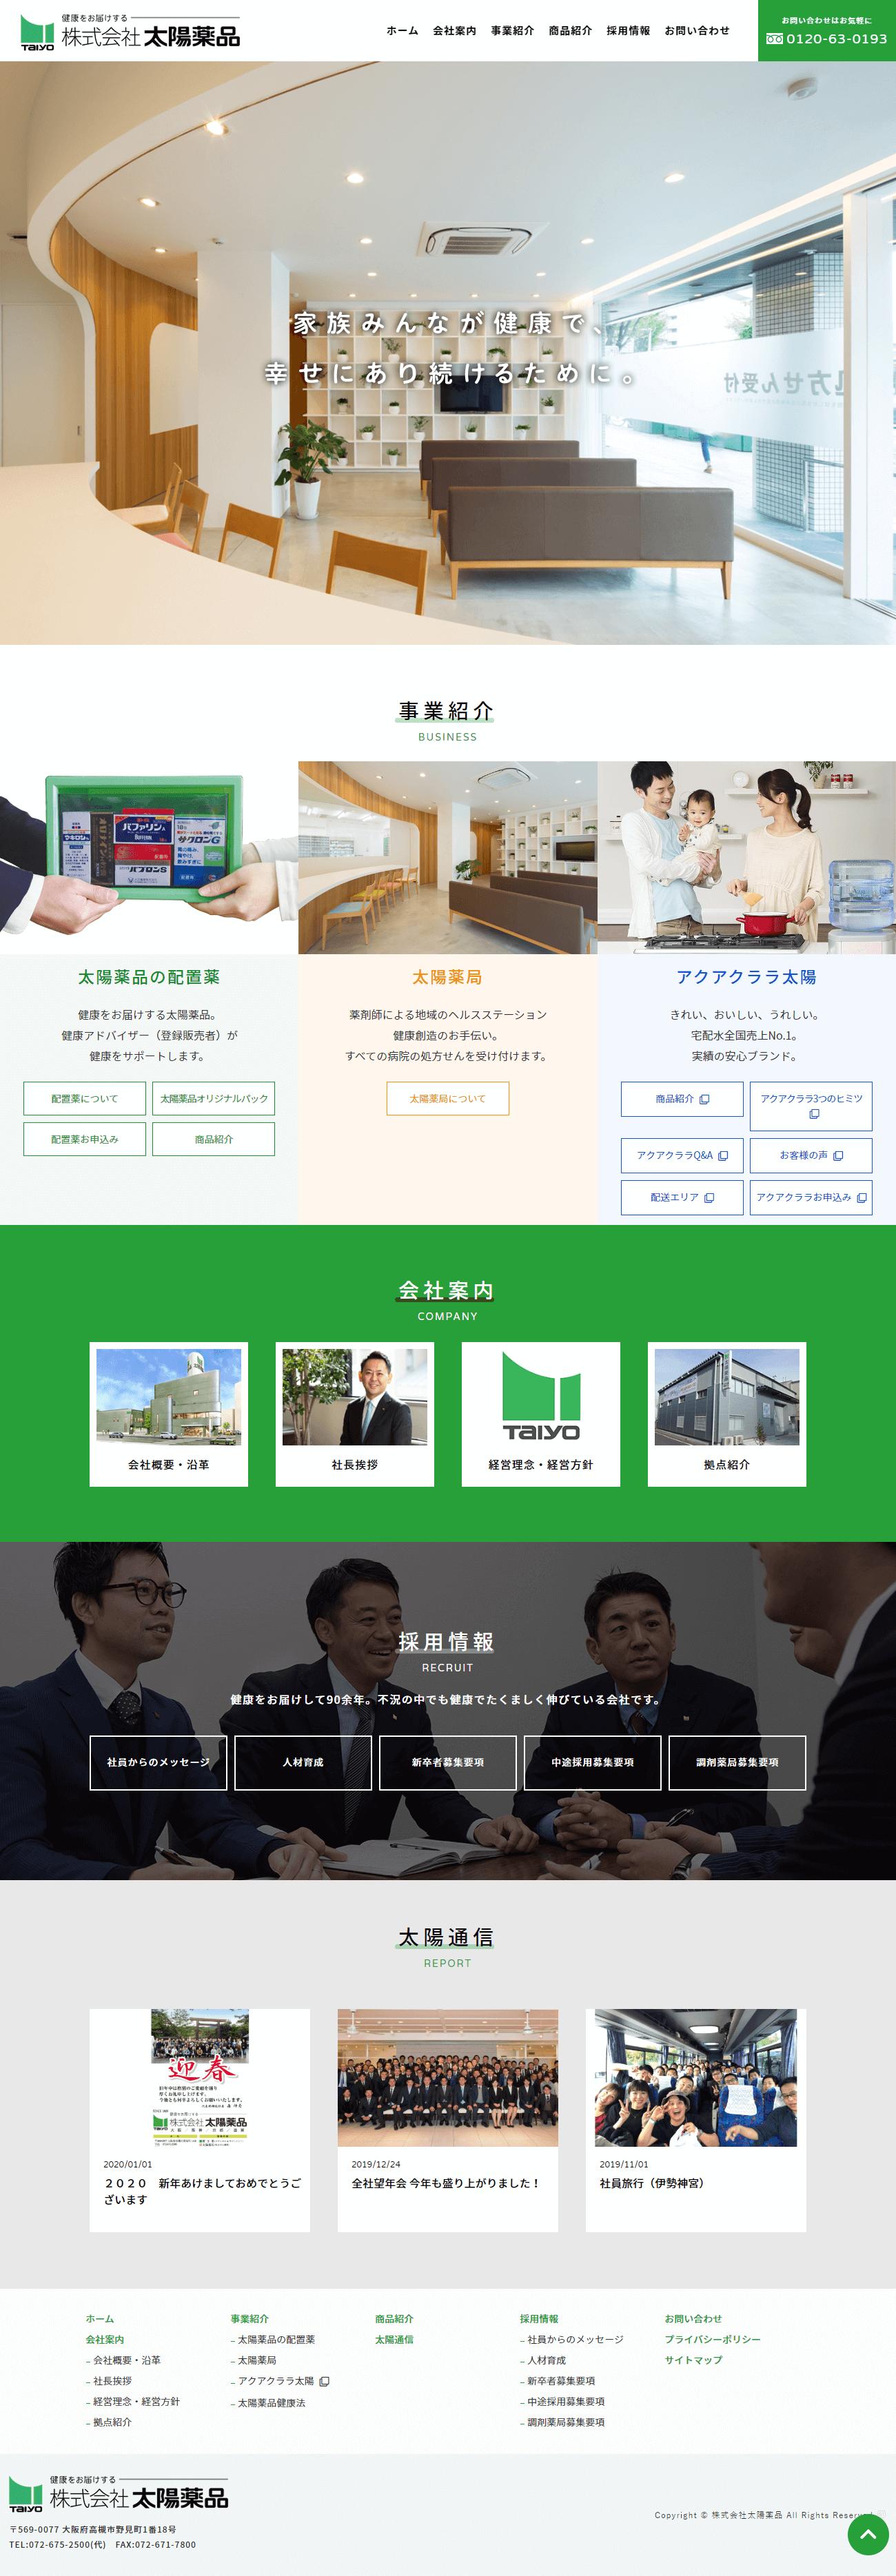 大阪府 株式会社太陽薬品 ホームページ制作1